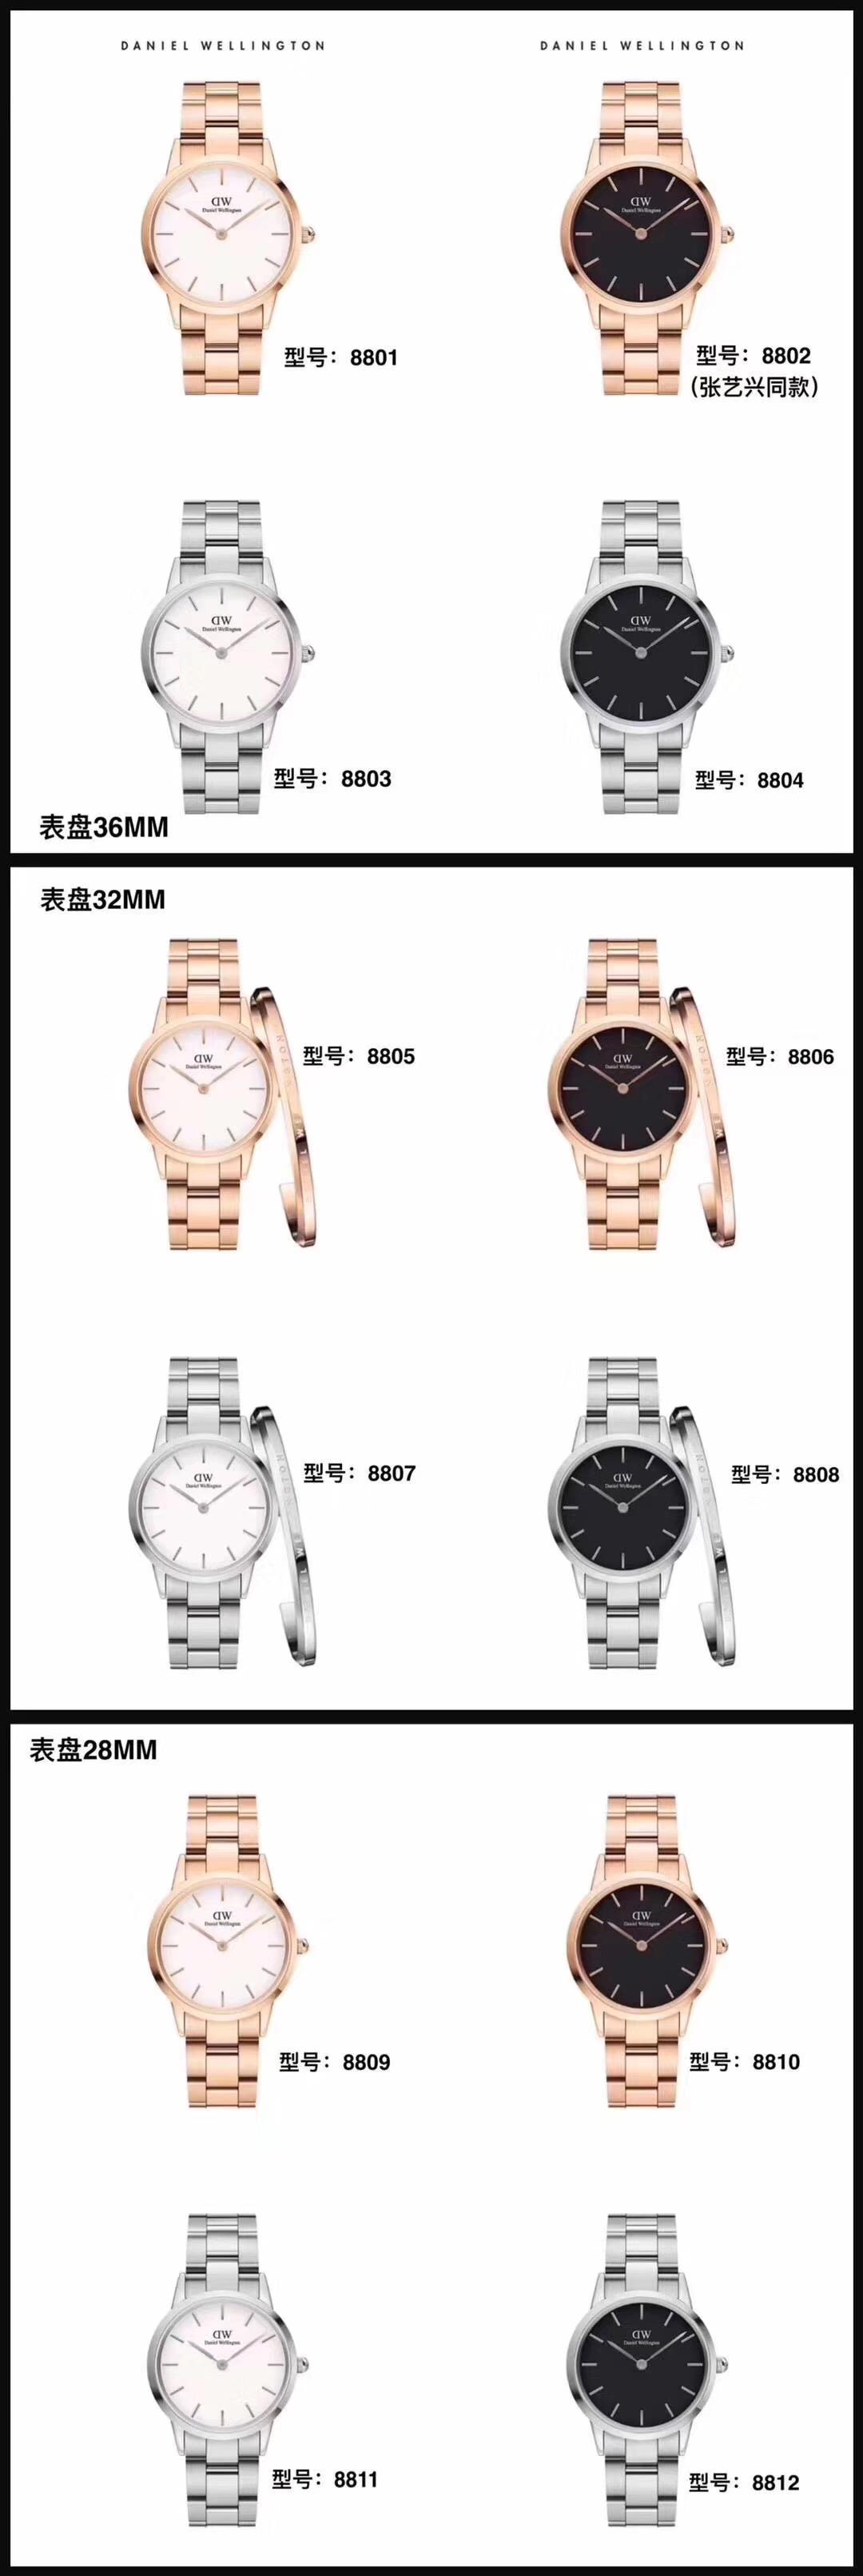 dw新款手表 微商一件代发